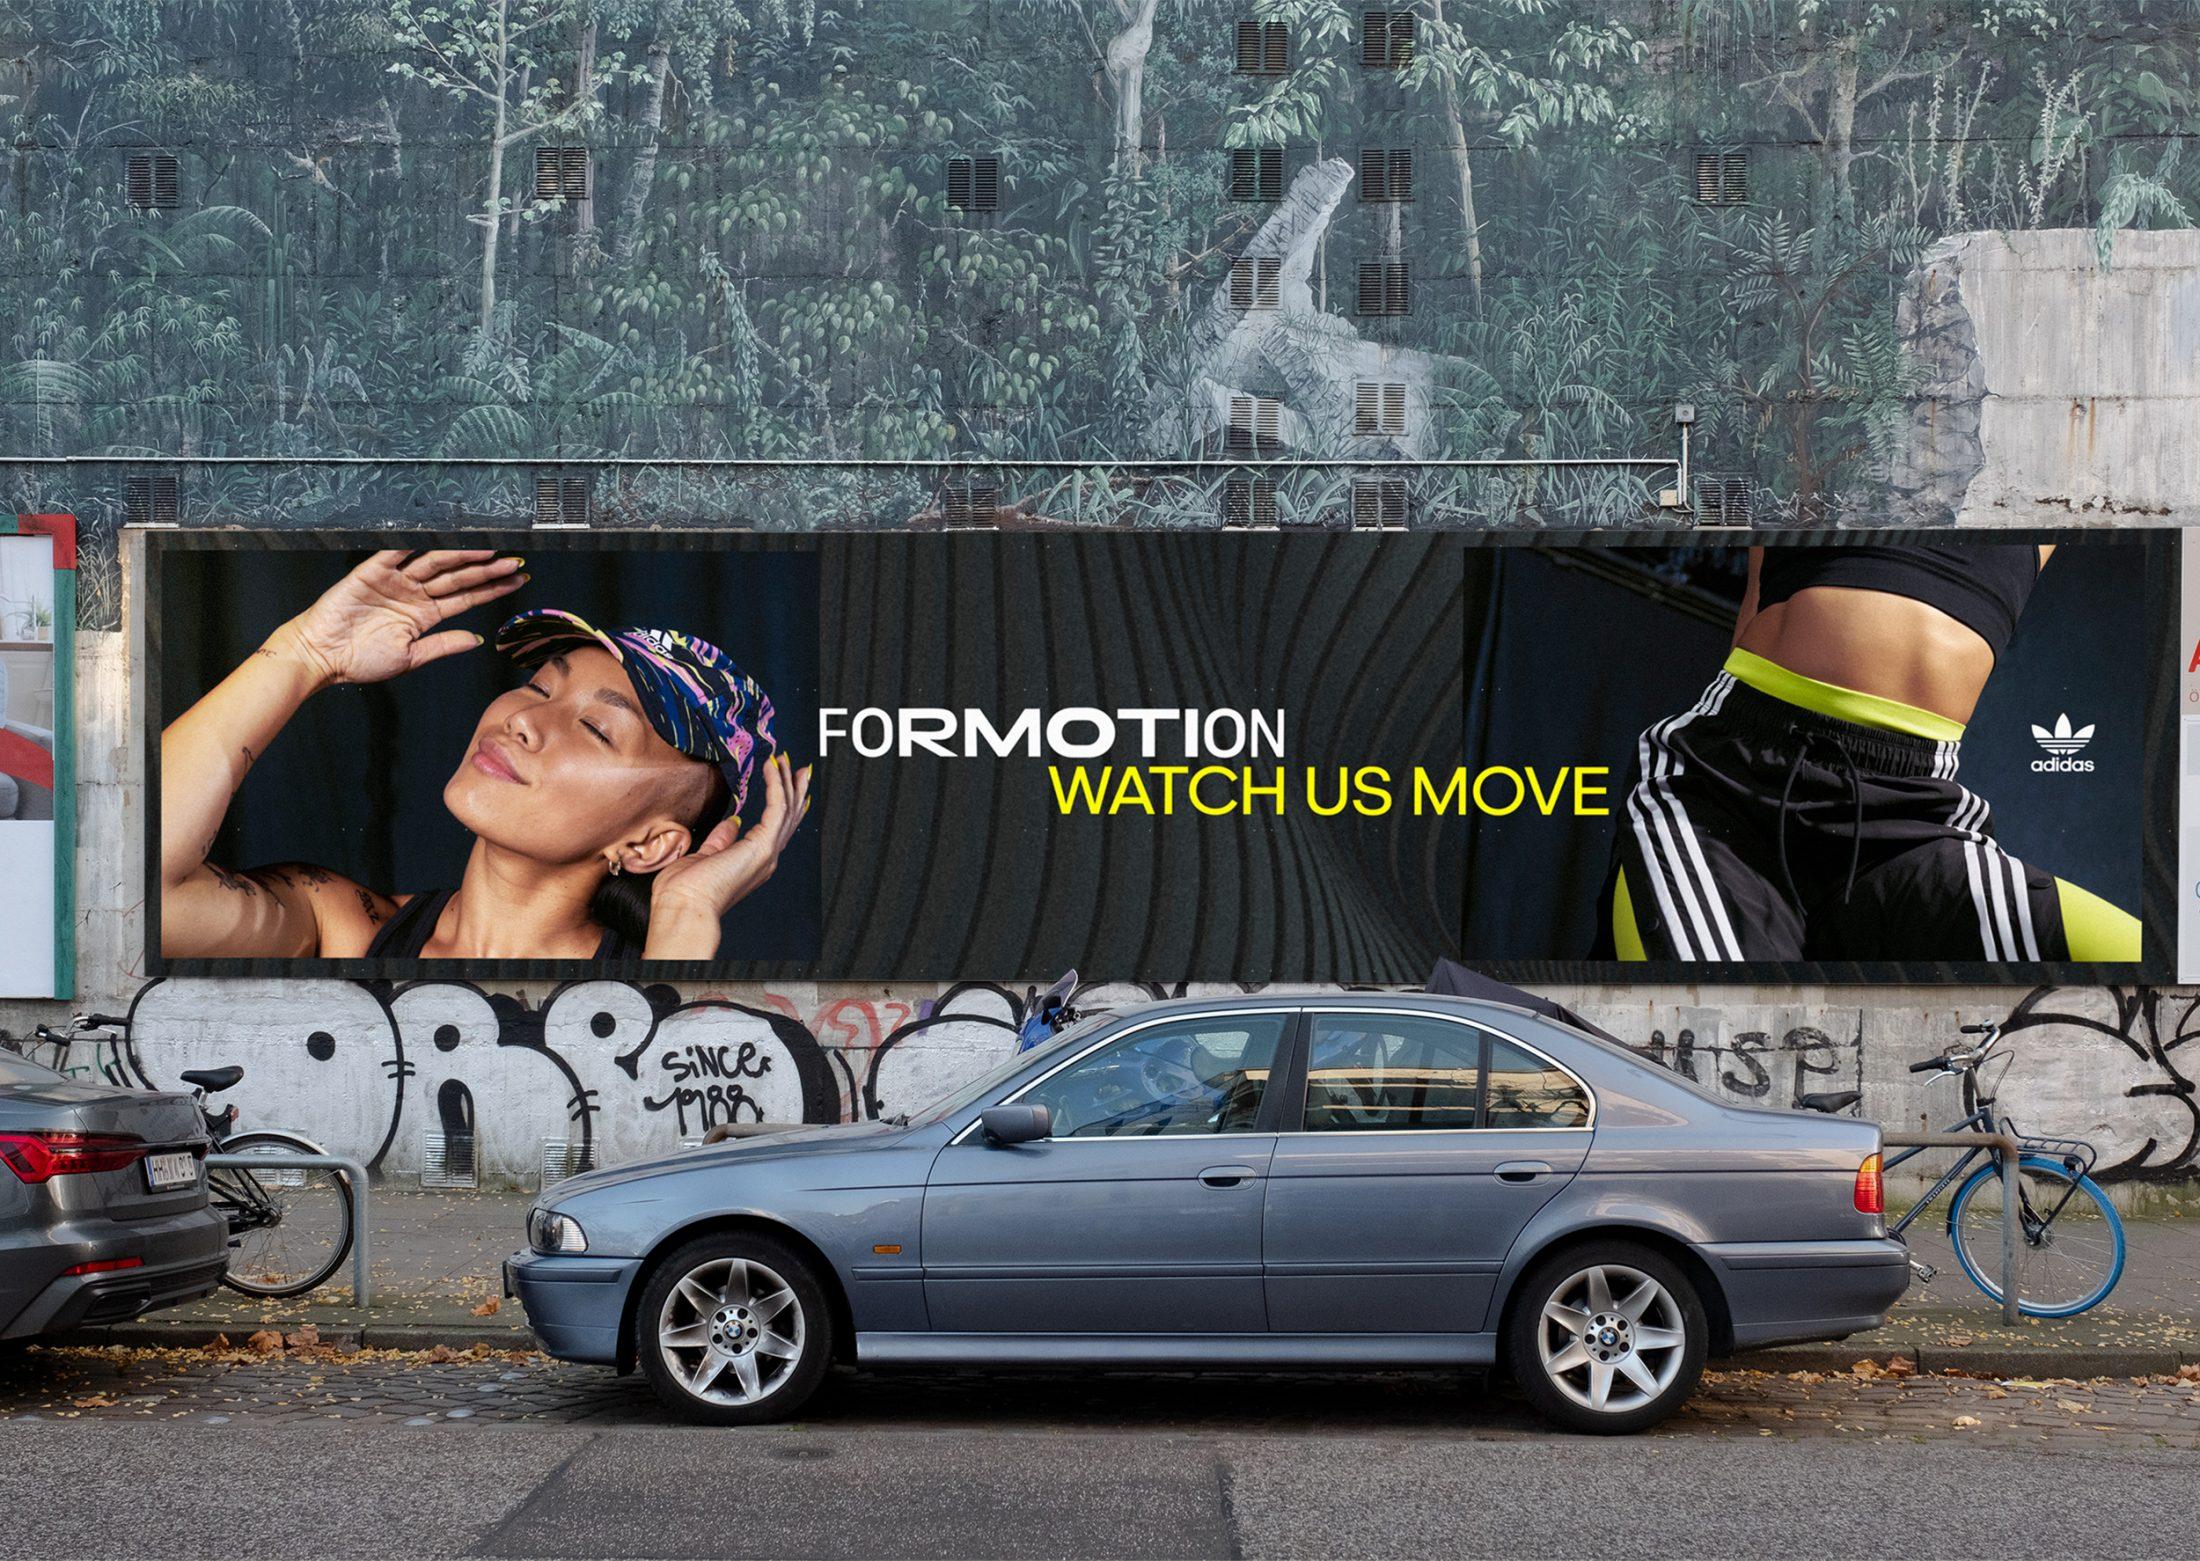 anthony_smyrski_formotion_adidas_03-2200×1561-1